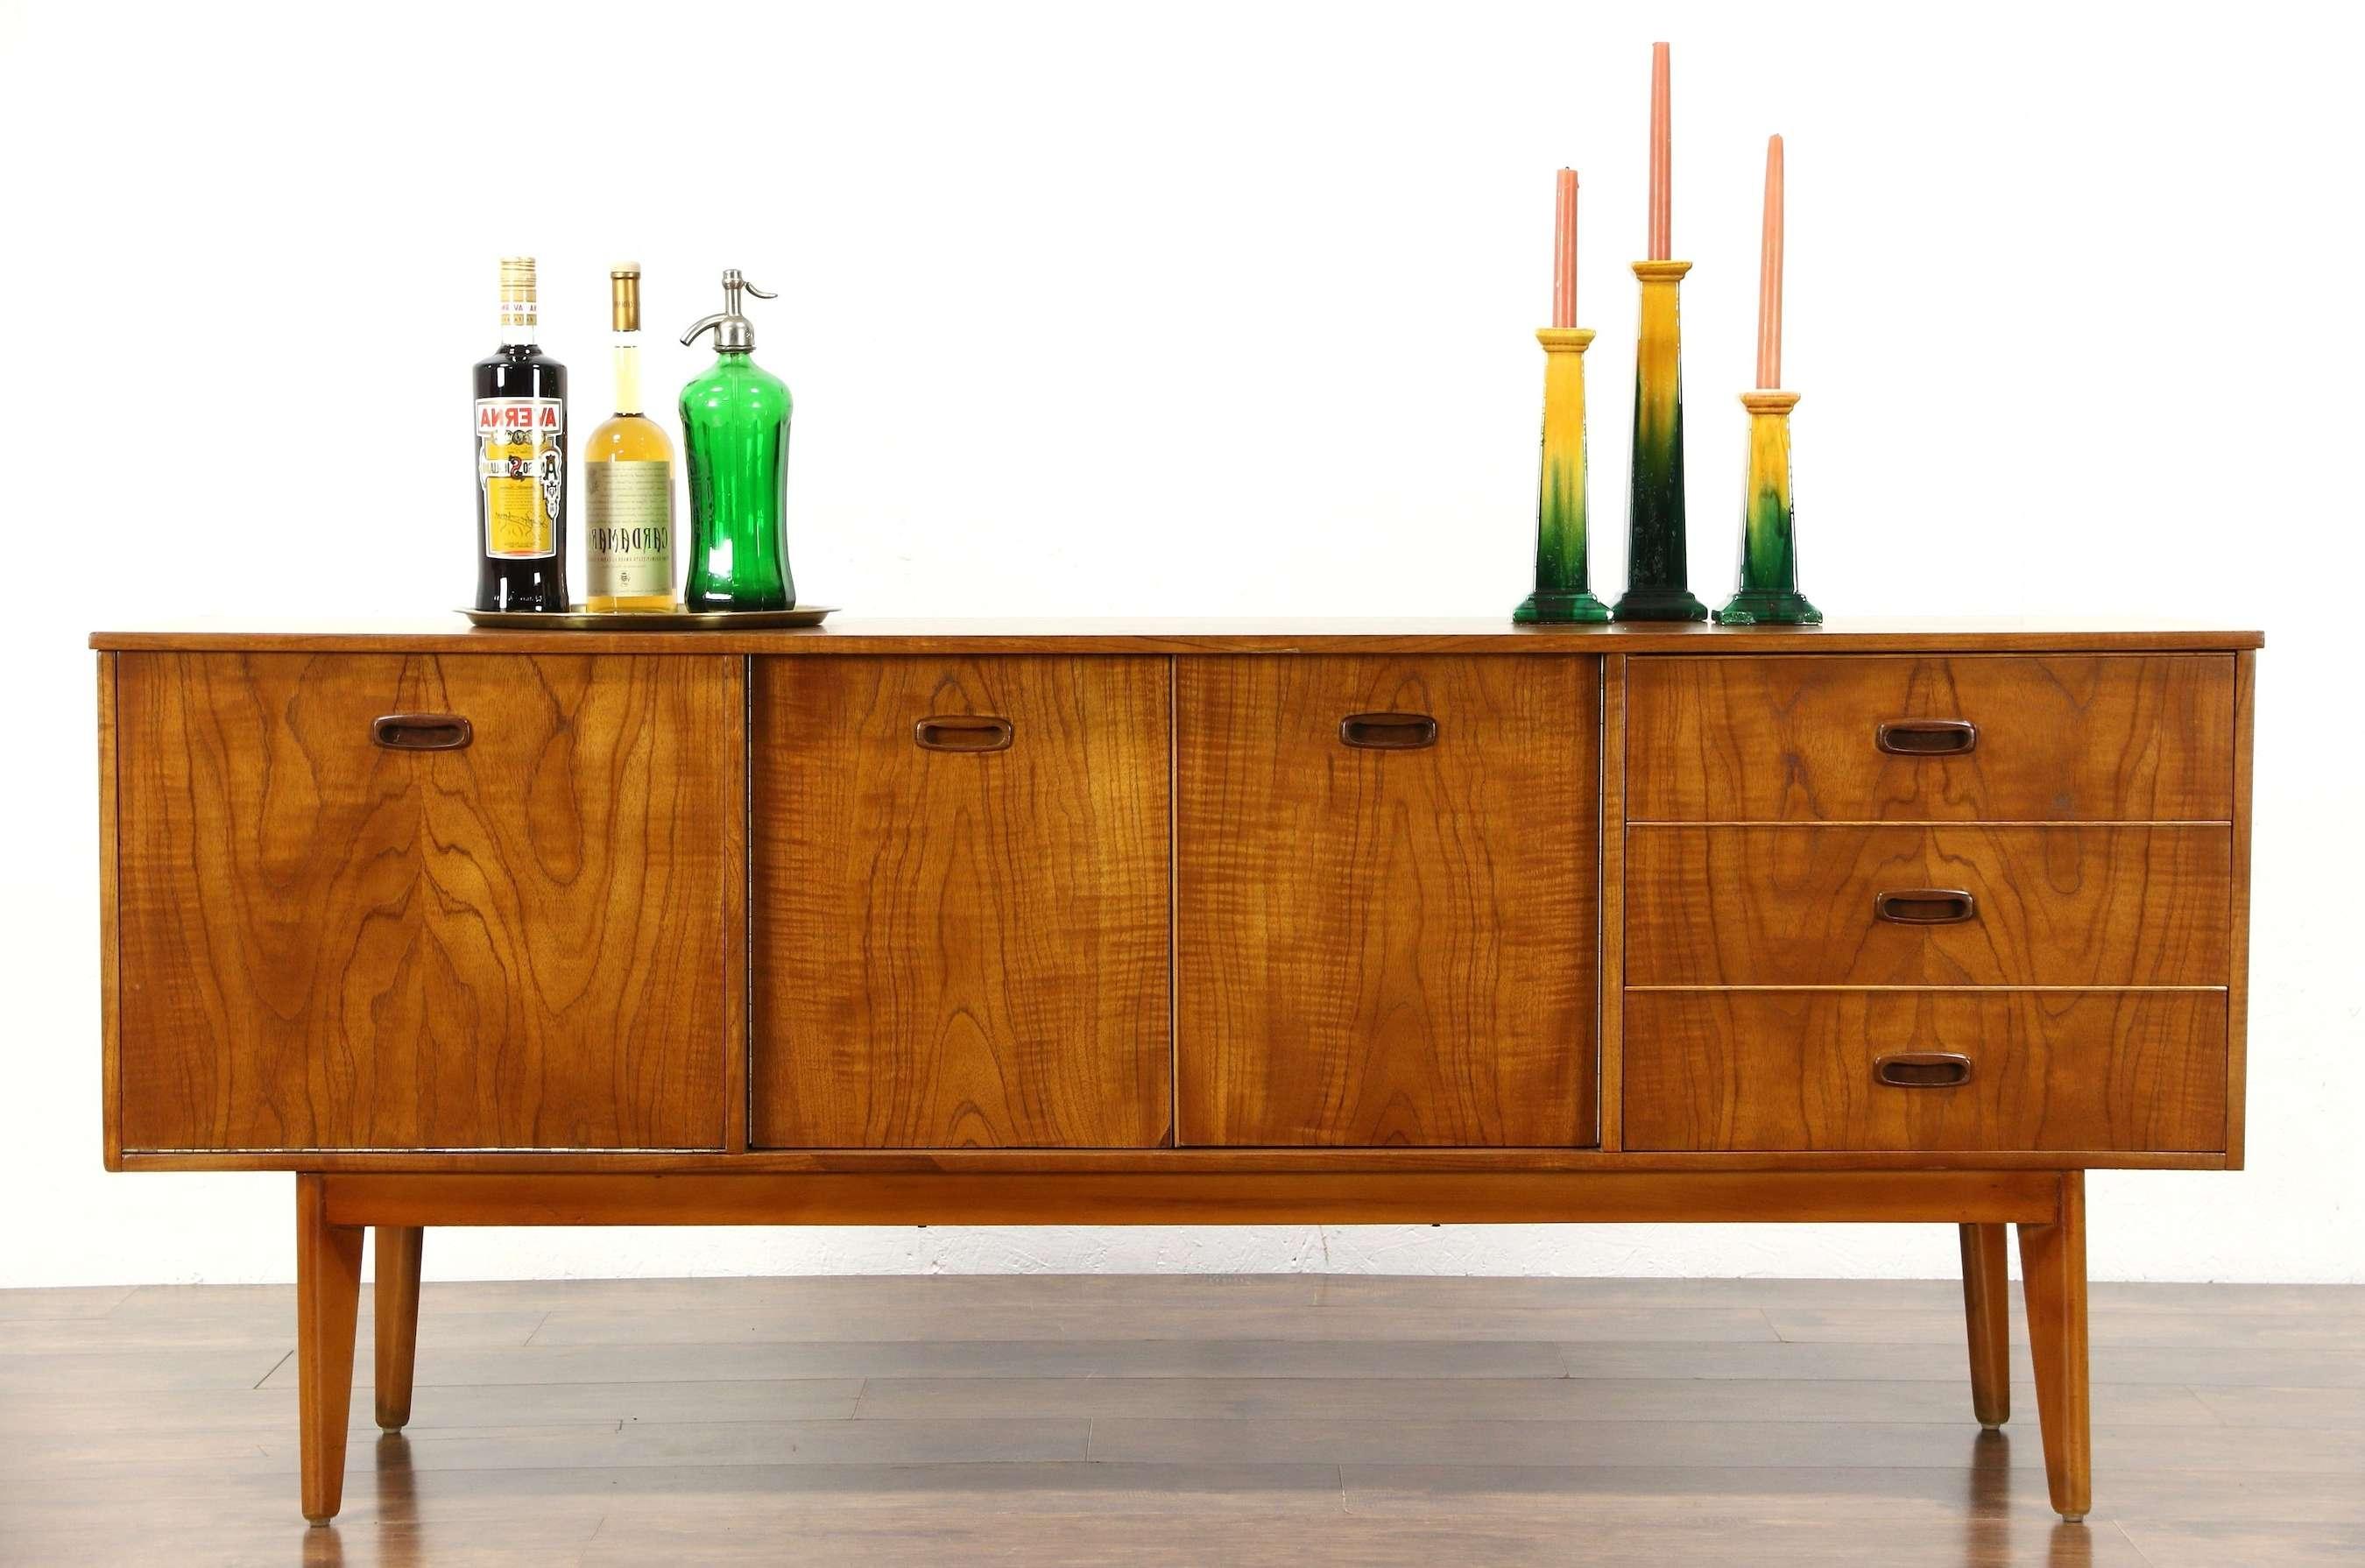 Sold – Midcentury Modern Teak 1960 Vintage Bar Cabinet Sideboard For Sideboards Bar Cabinet (View 5 of 20)